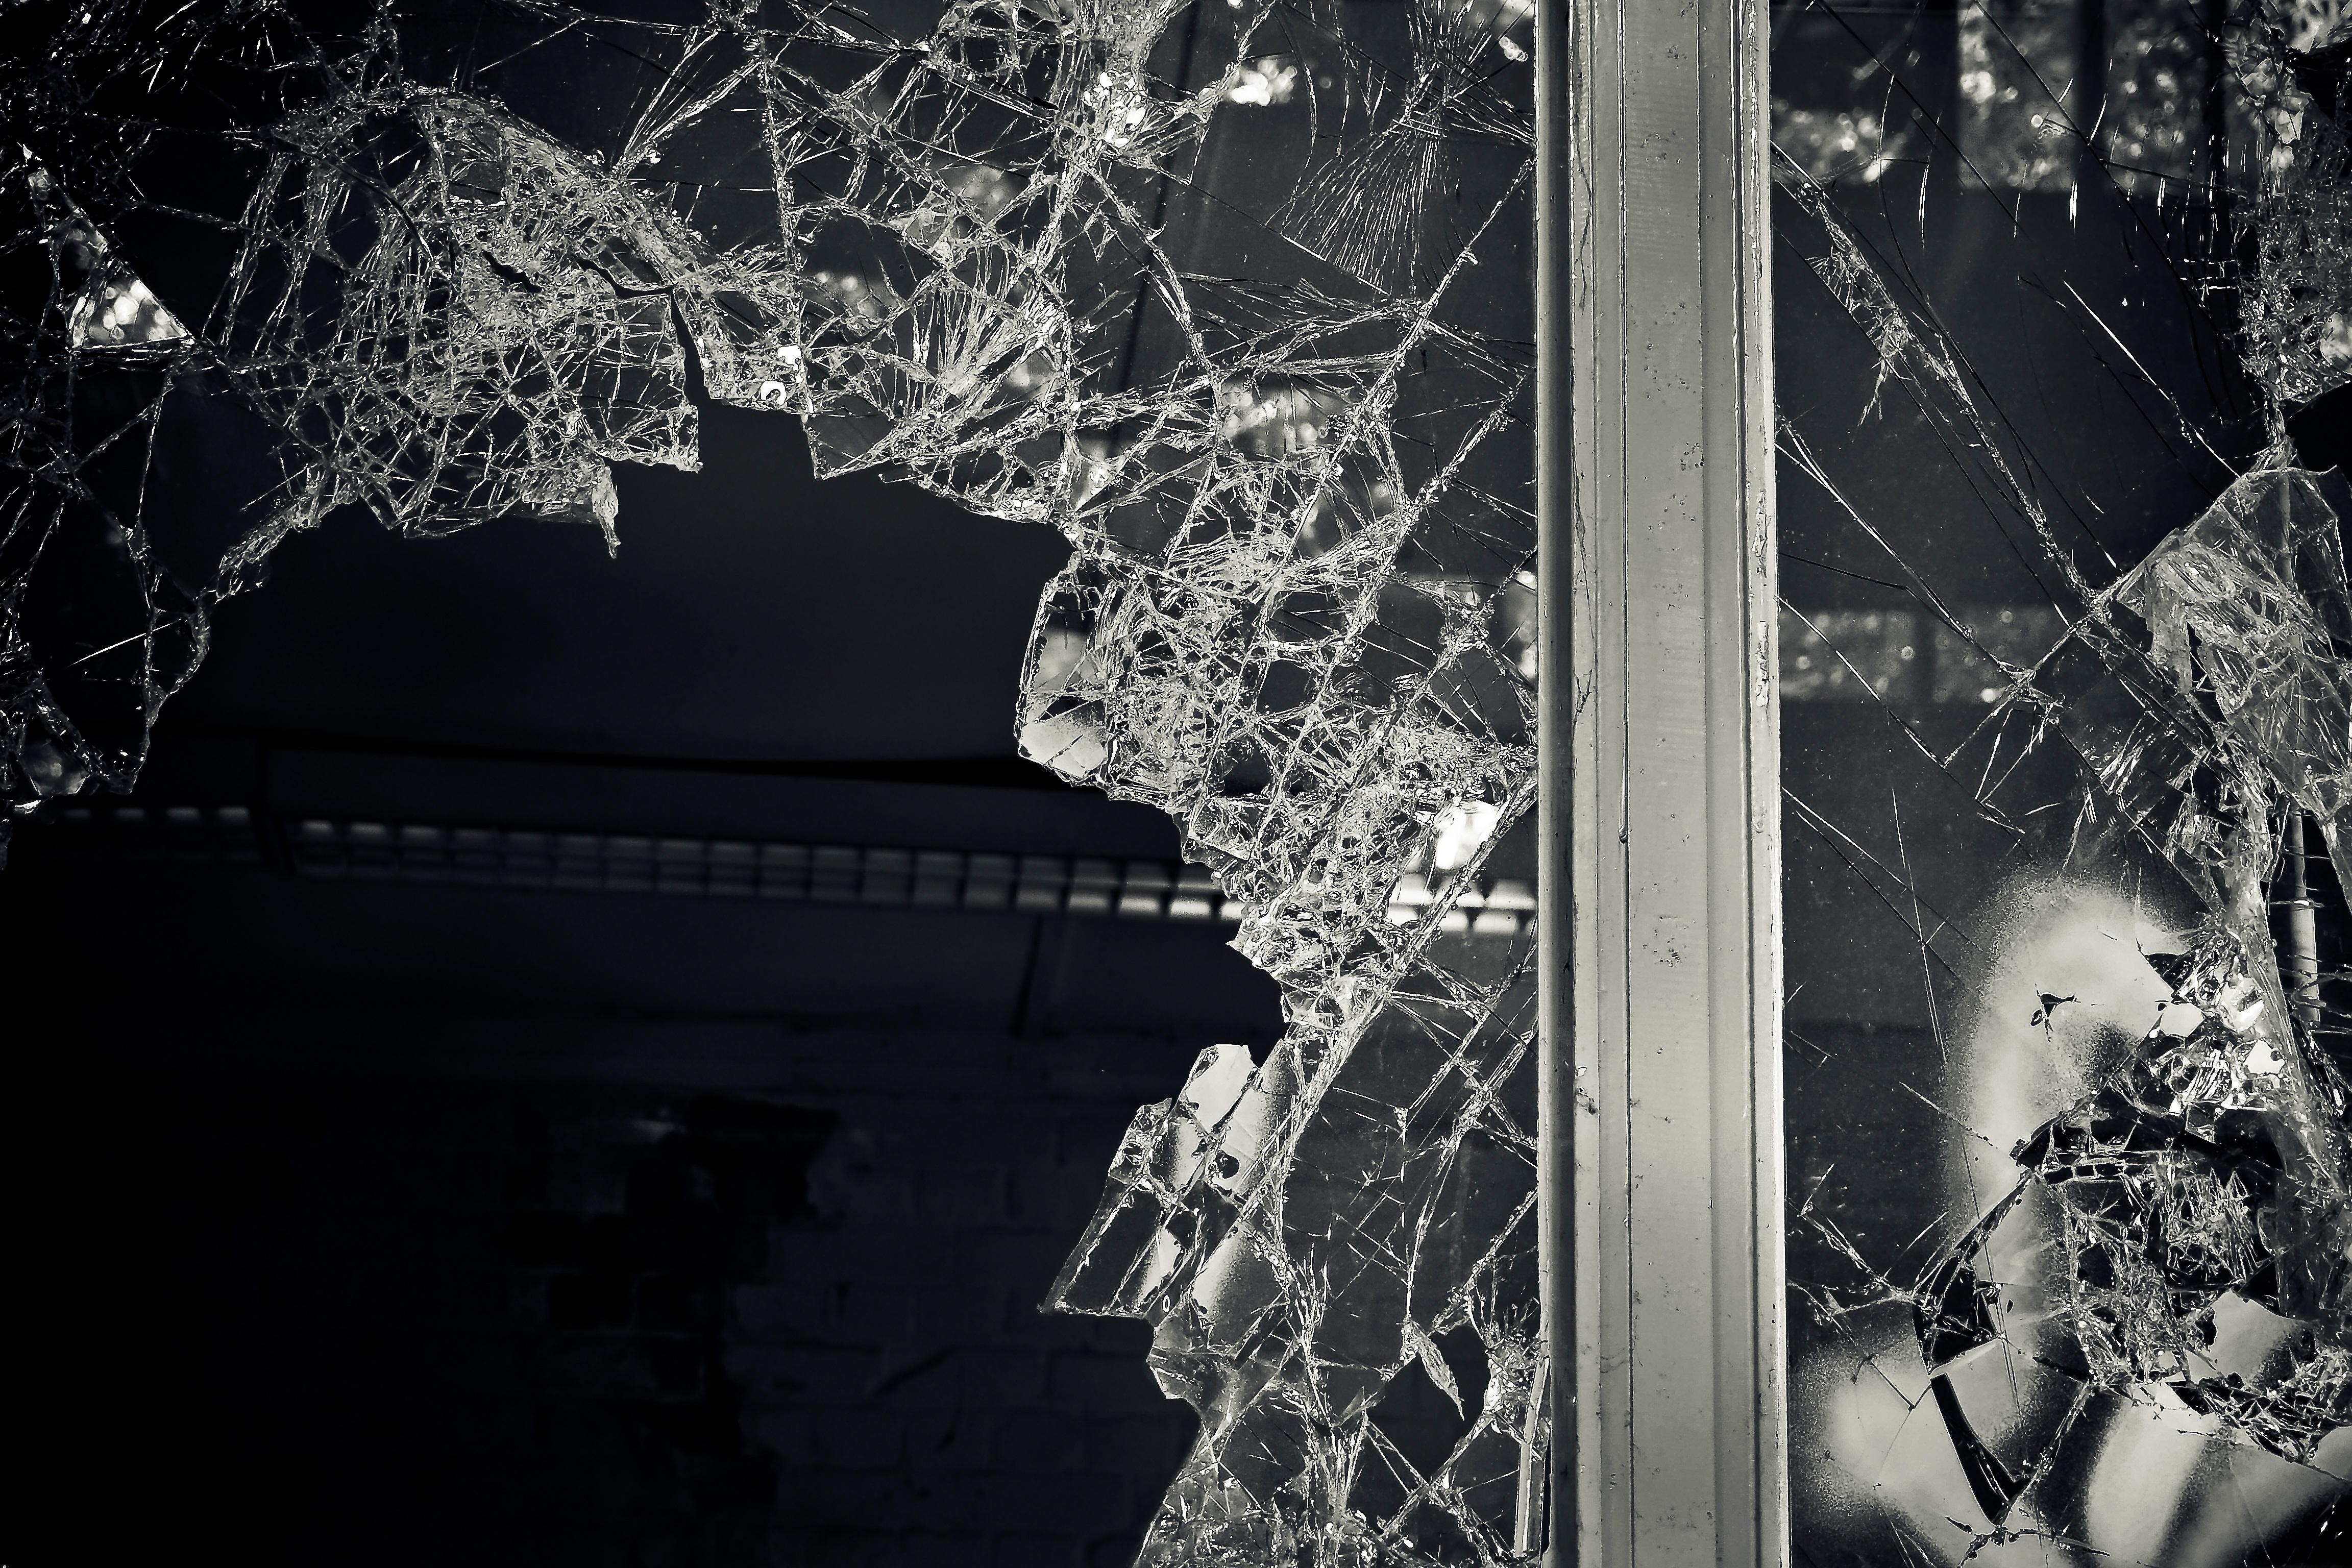 broken-window.jpeg?mtime=20171109104102#asset:1596